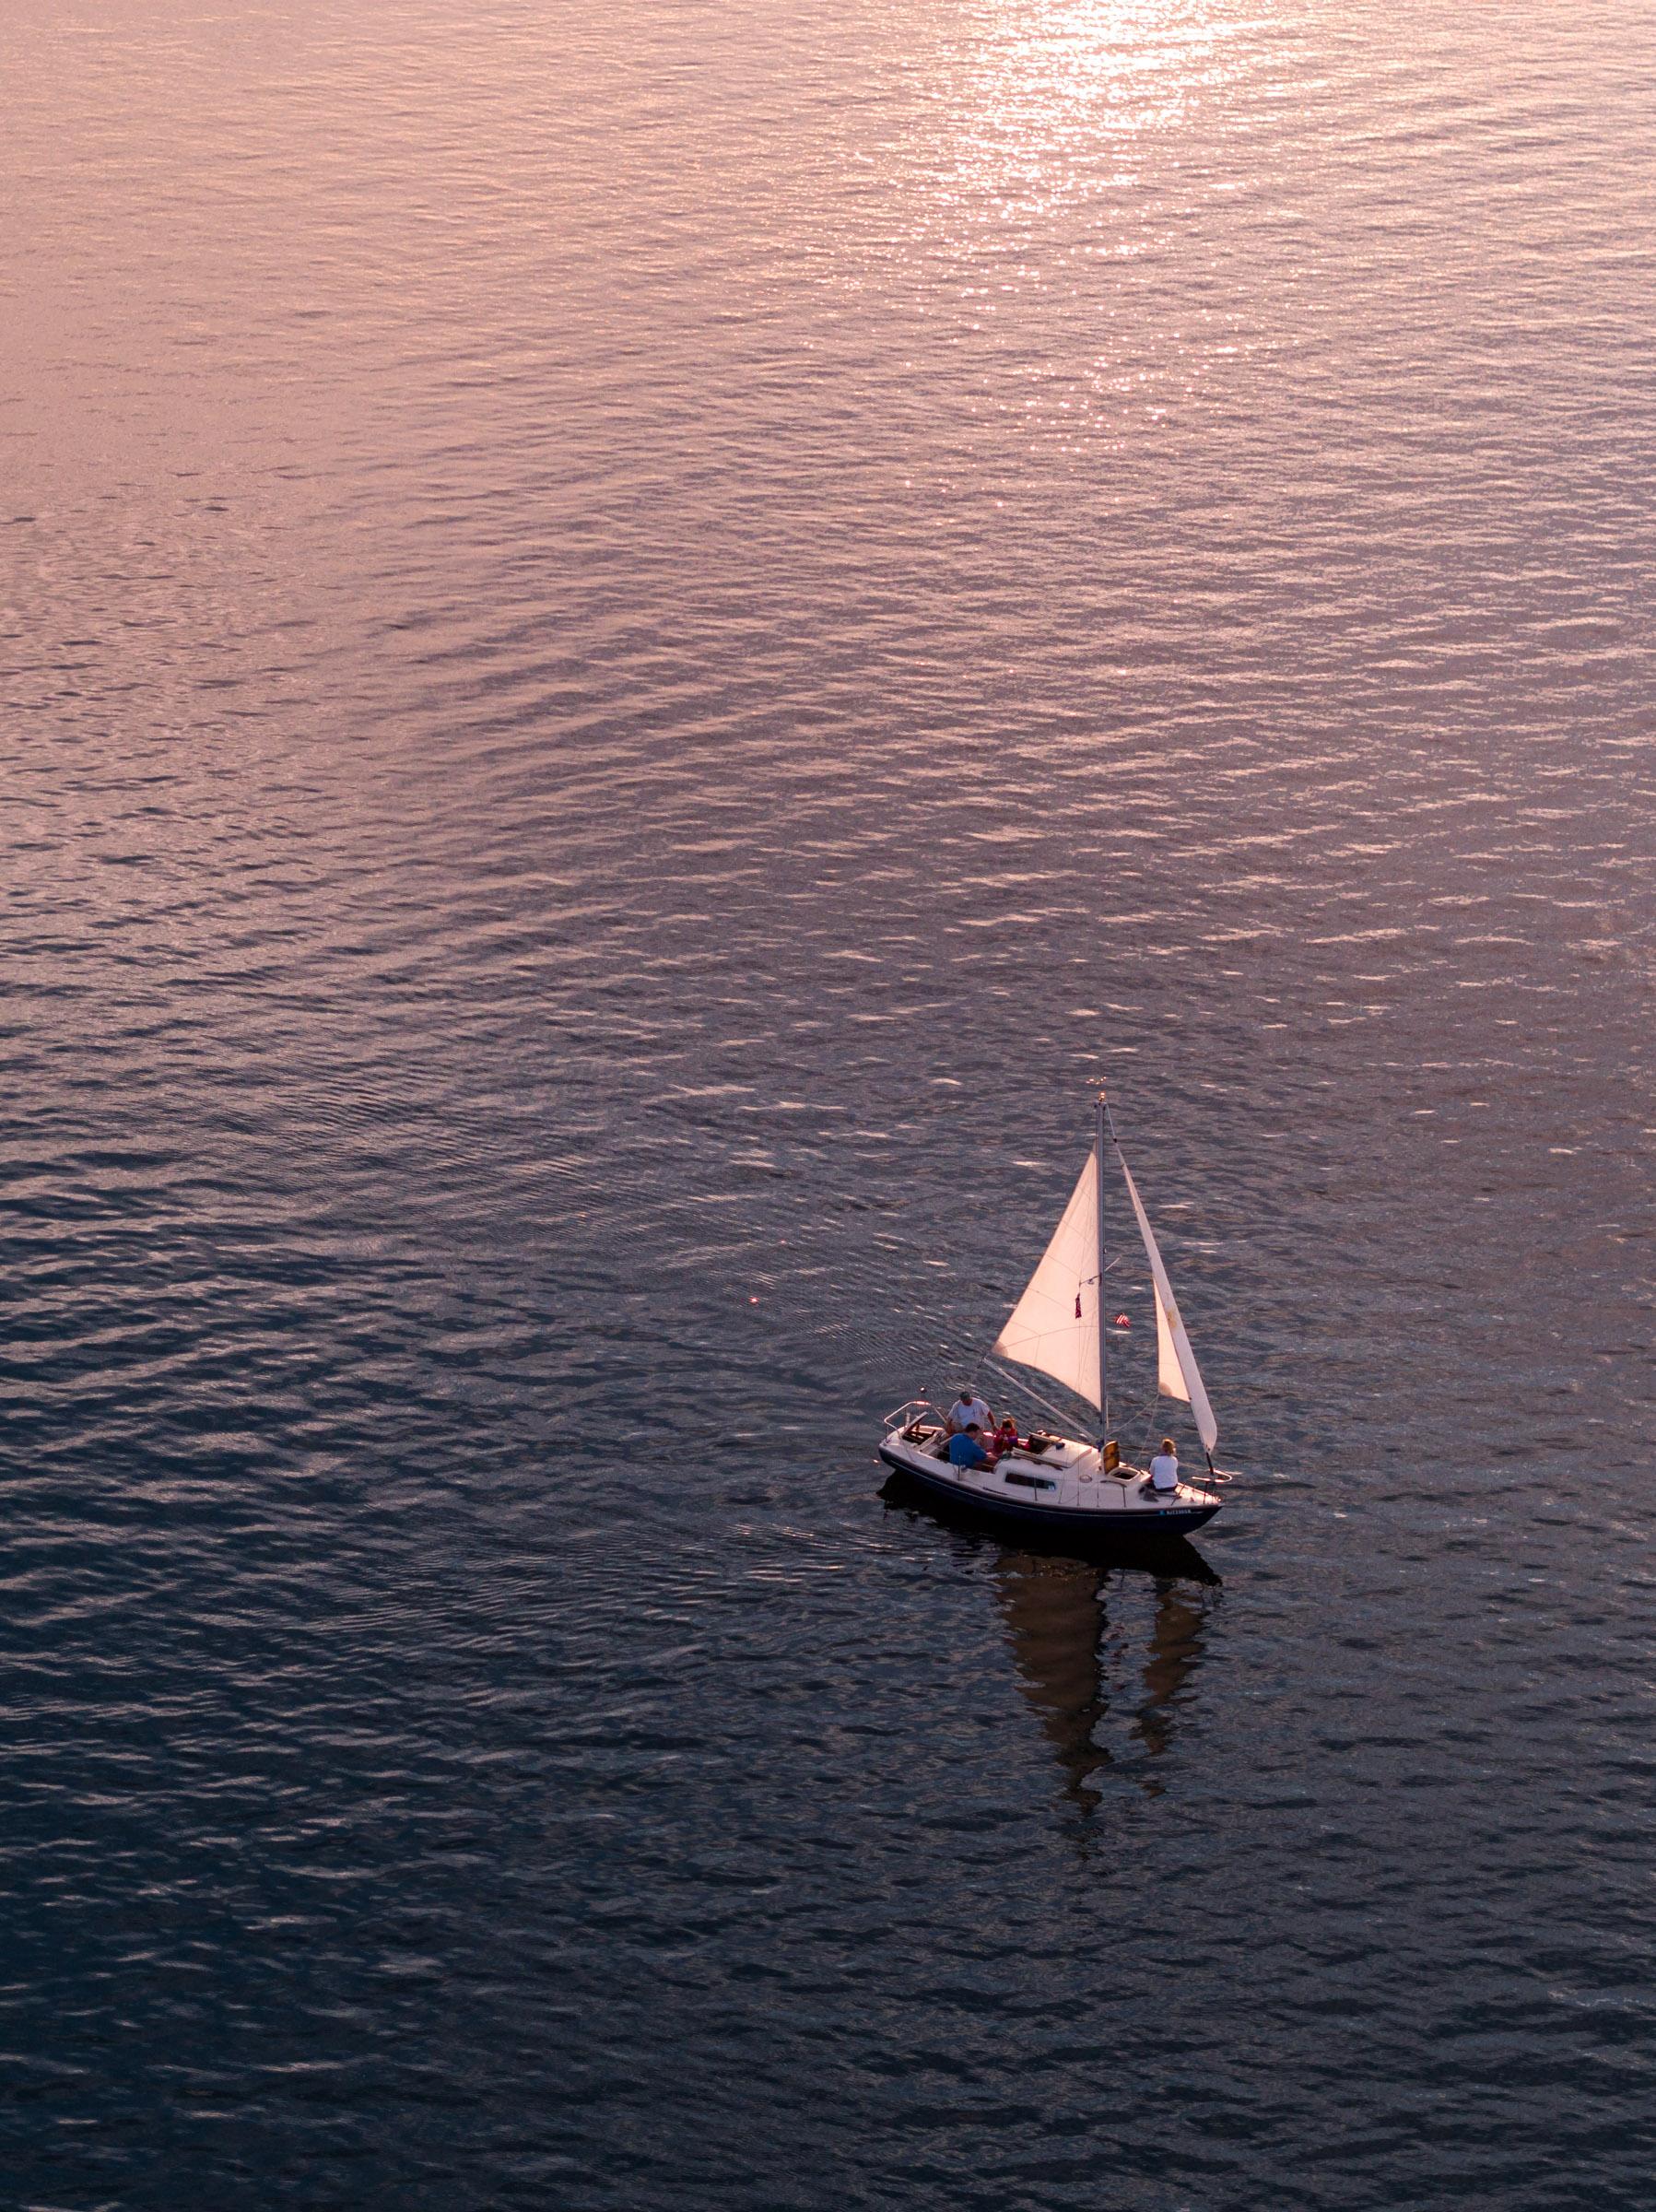 Ty_Poland_Aerial_BeachVibes-5.jpg